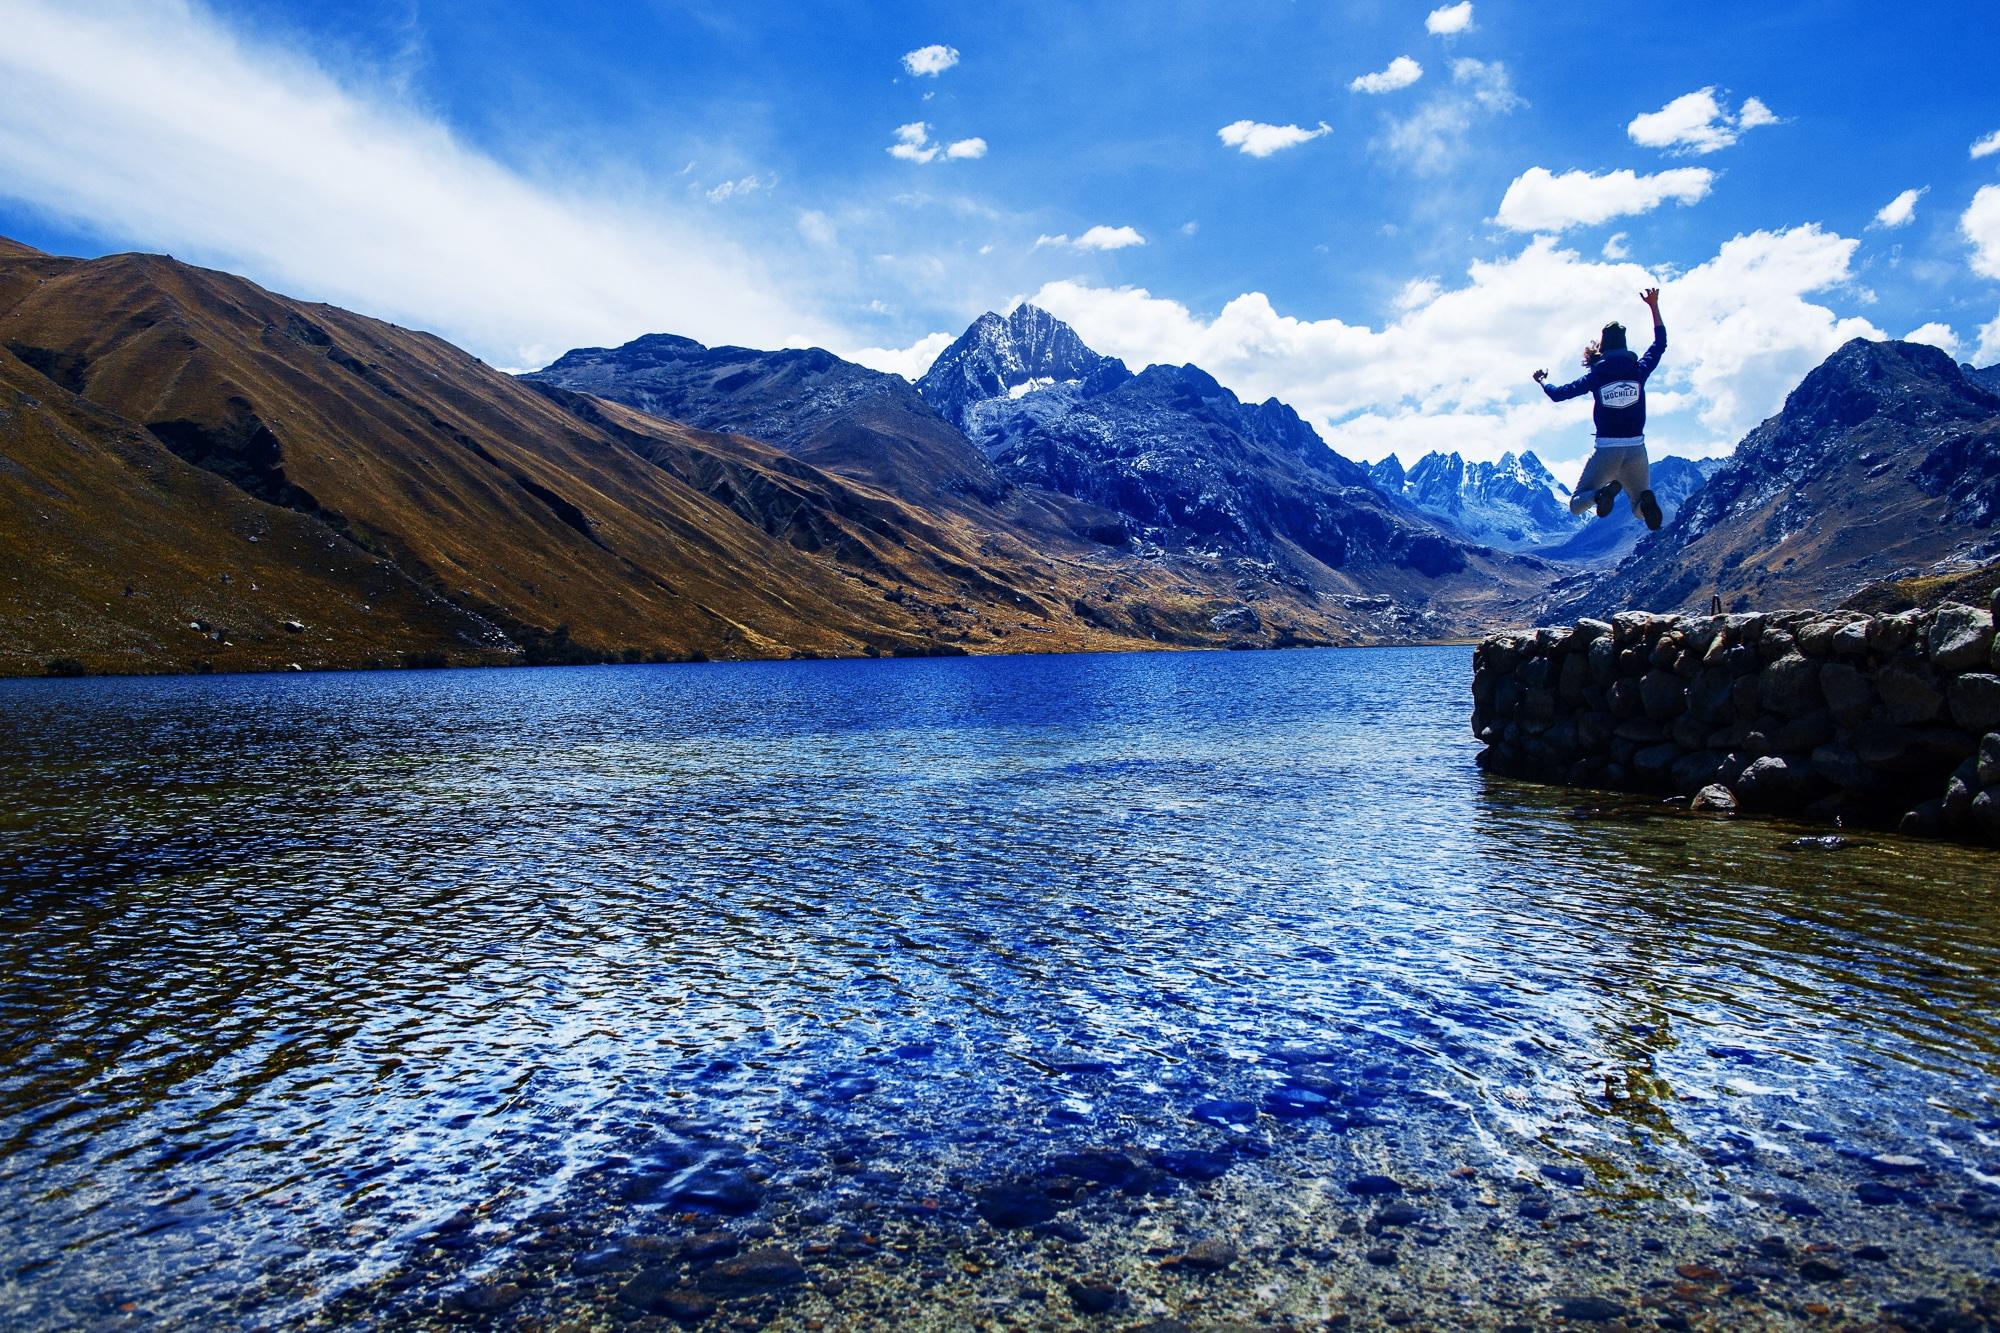 Wandern und Trekking in Peru: Die besten Routen ohne Massentourismus - Laguna Querococha